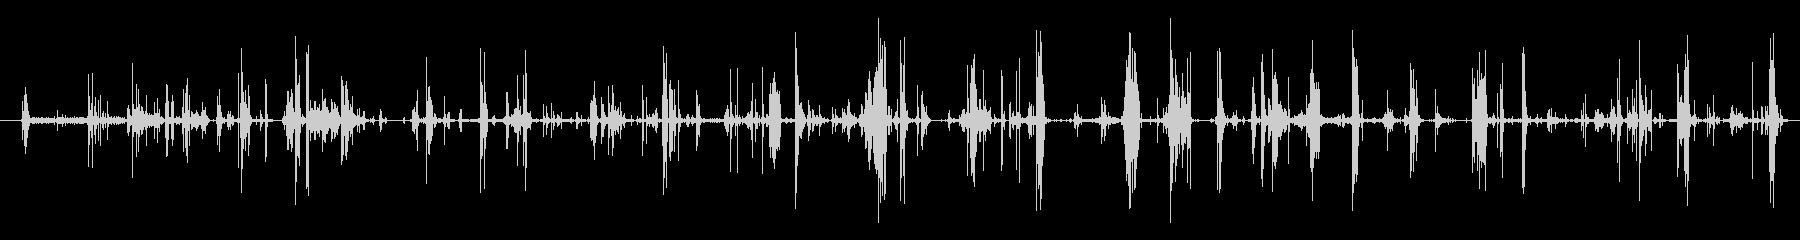 モンスター 肉食05の未再生の波形